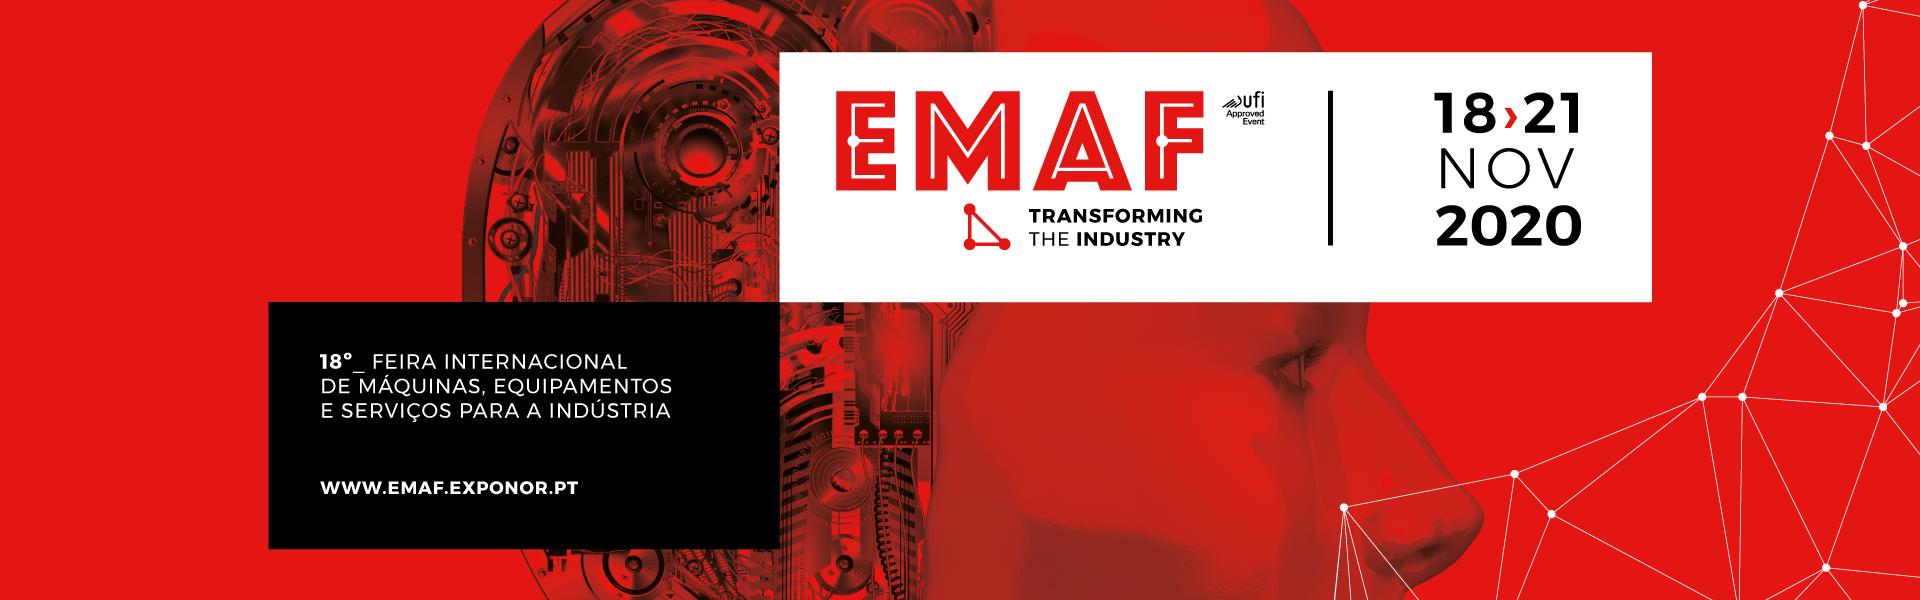 EMAF - Feira Internacional de Máquinas, Equipamentos e Serviços para a Indústria